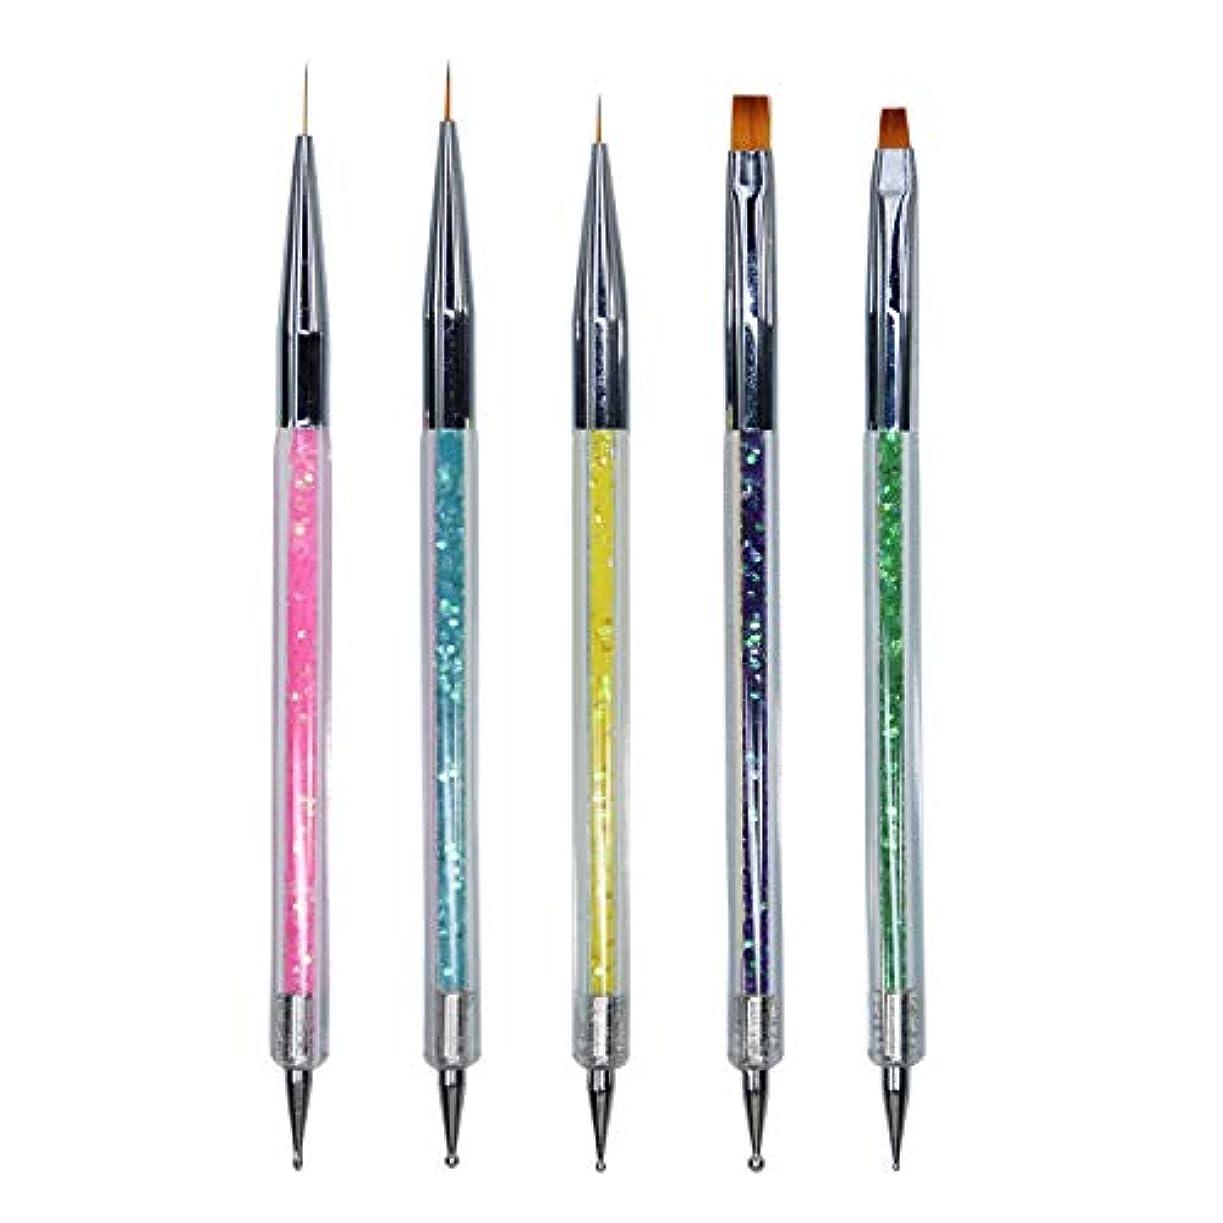 ごちそうマートスーツMissct ネイルアートブラシ 5本セット 2way ネイル筆 ライン 平筆 ドットペン ドット棒 画筆 高級ナイロン筆先 ペン マニキュアツール ジェルネイル 用品道具